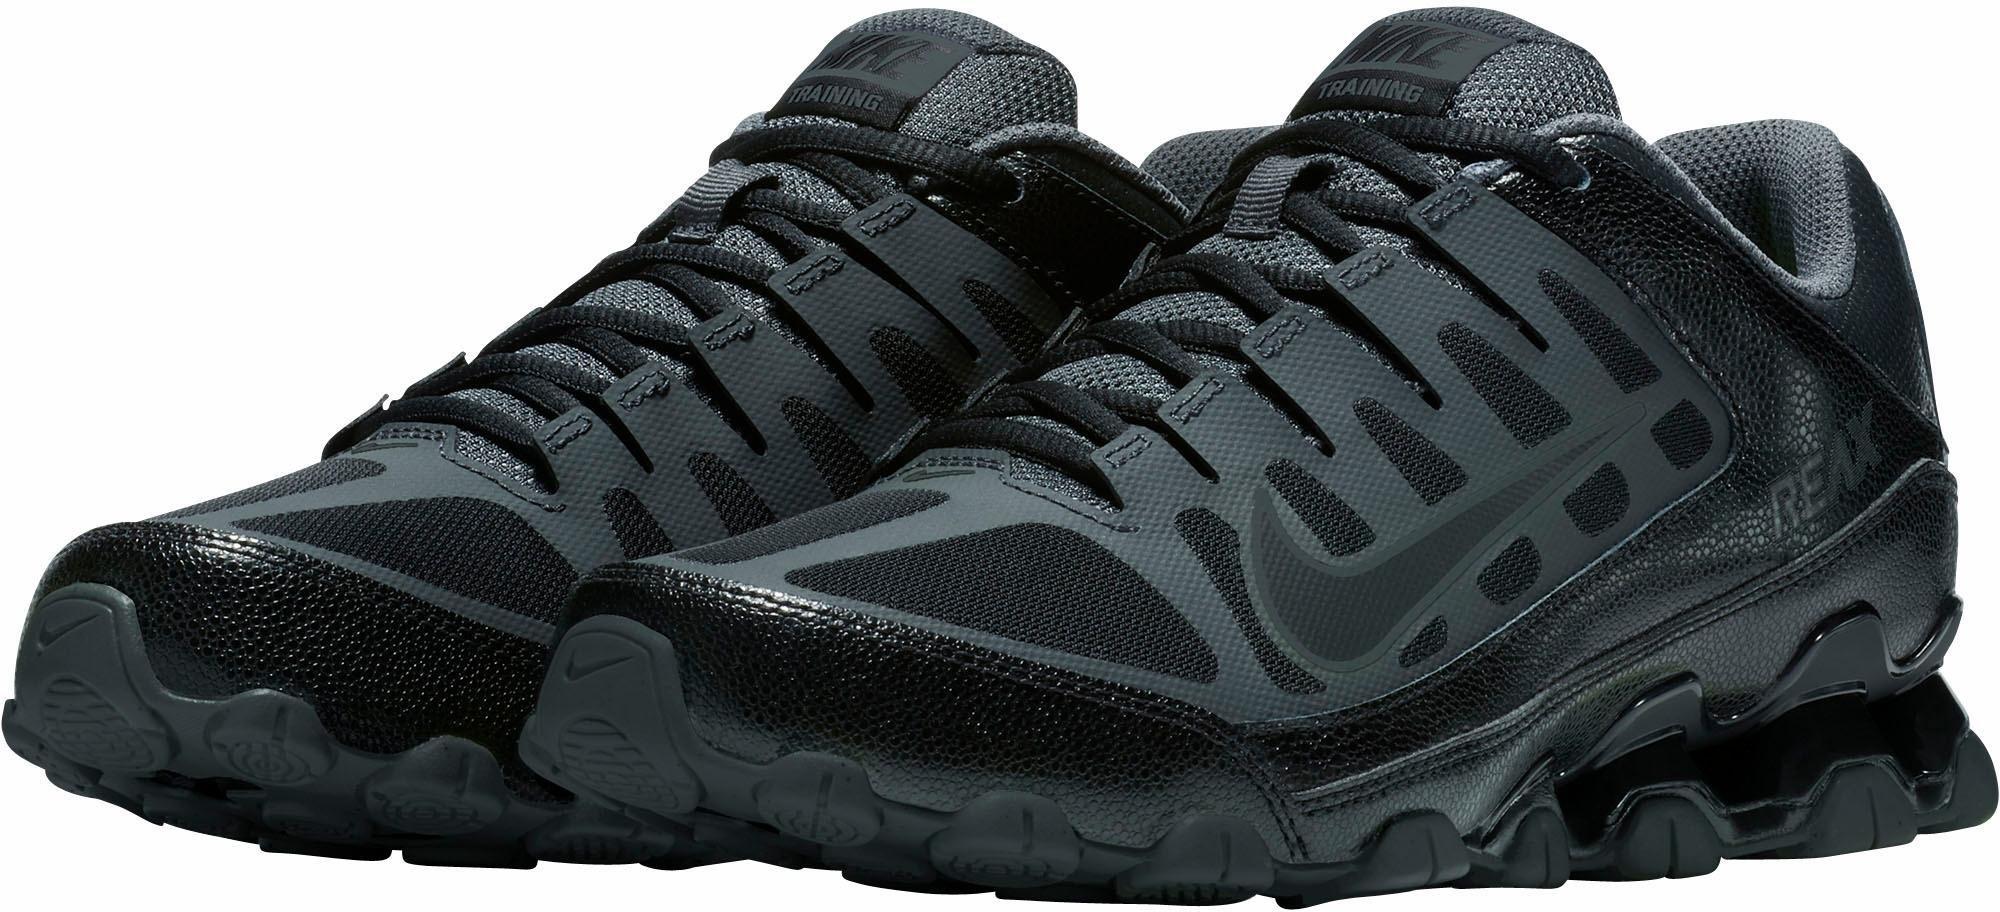 Nike trainingsschoenen »Reax 8 Tr« bestellen: 14 dagen bedenktijd